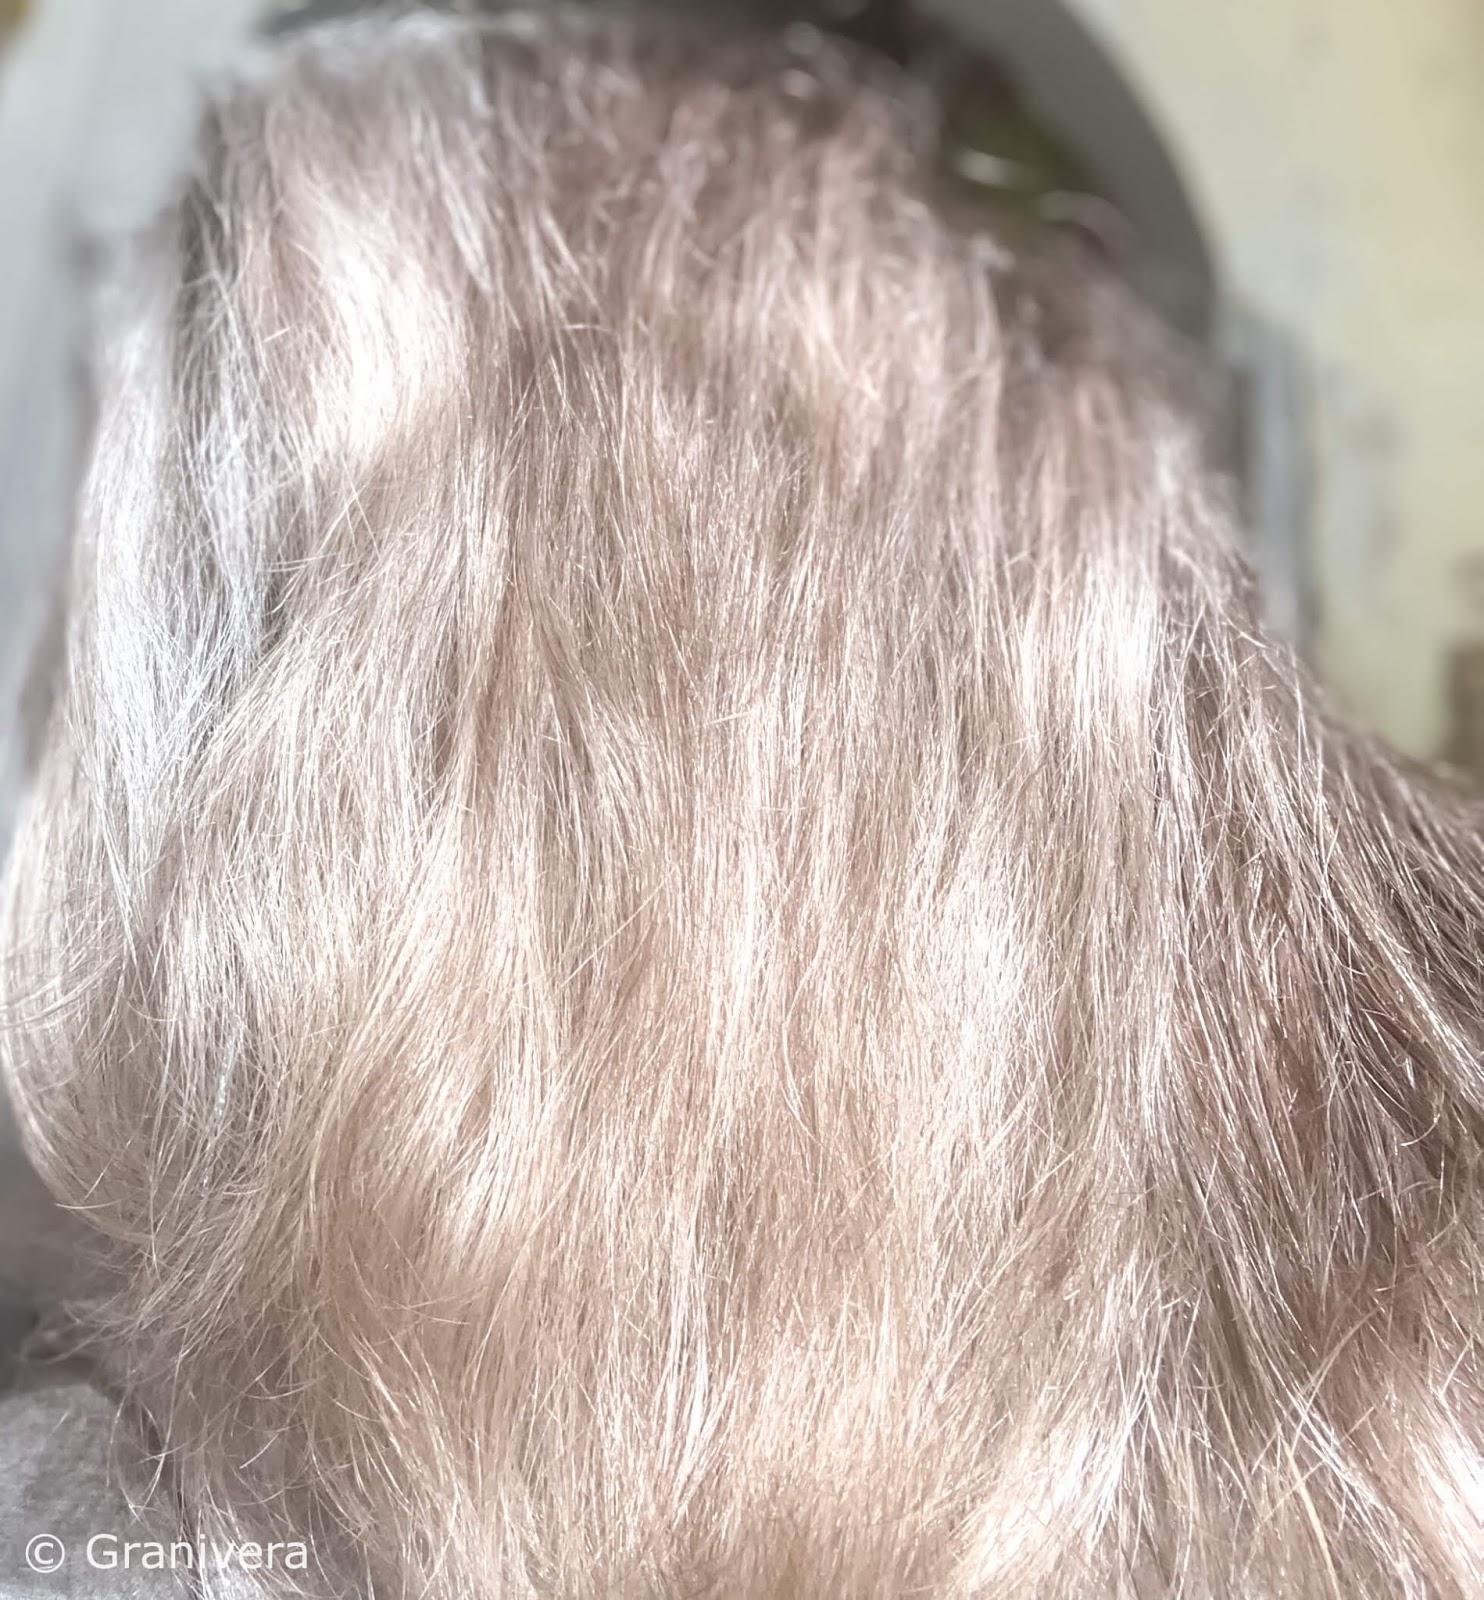 różowy-szampon-do-włosów-efekt-na-włosach